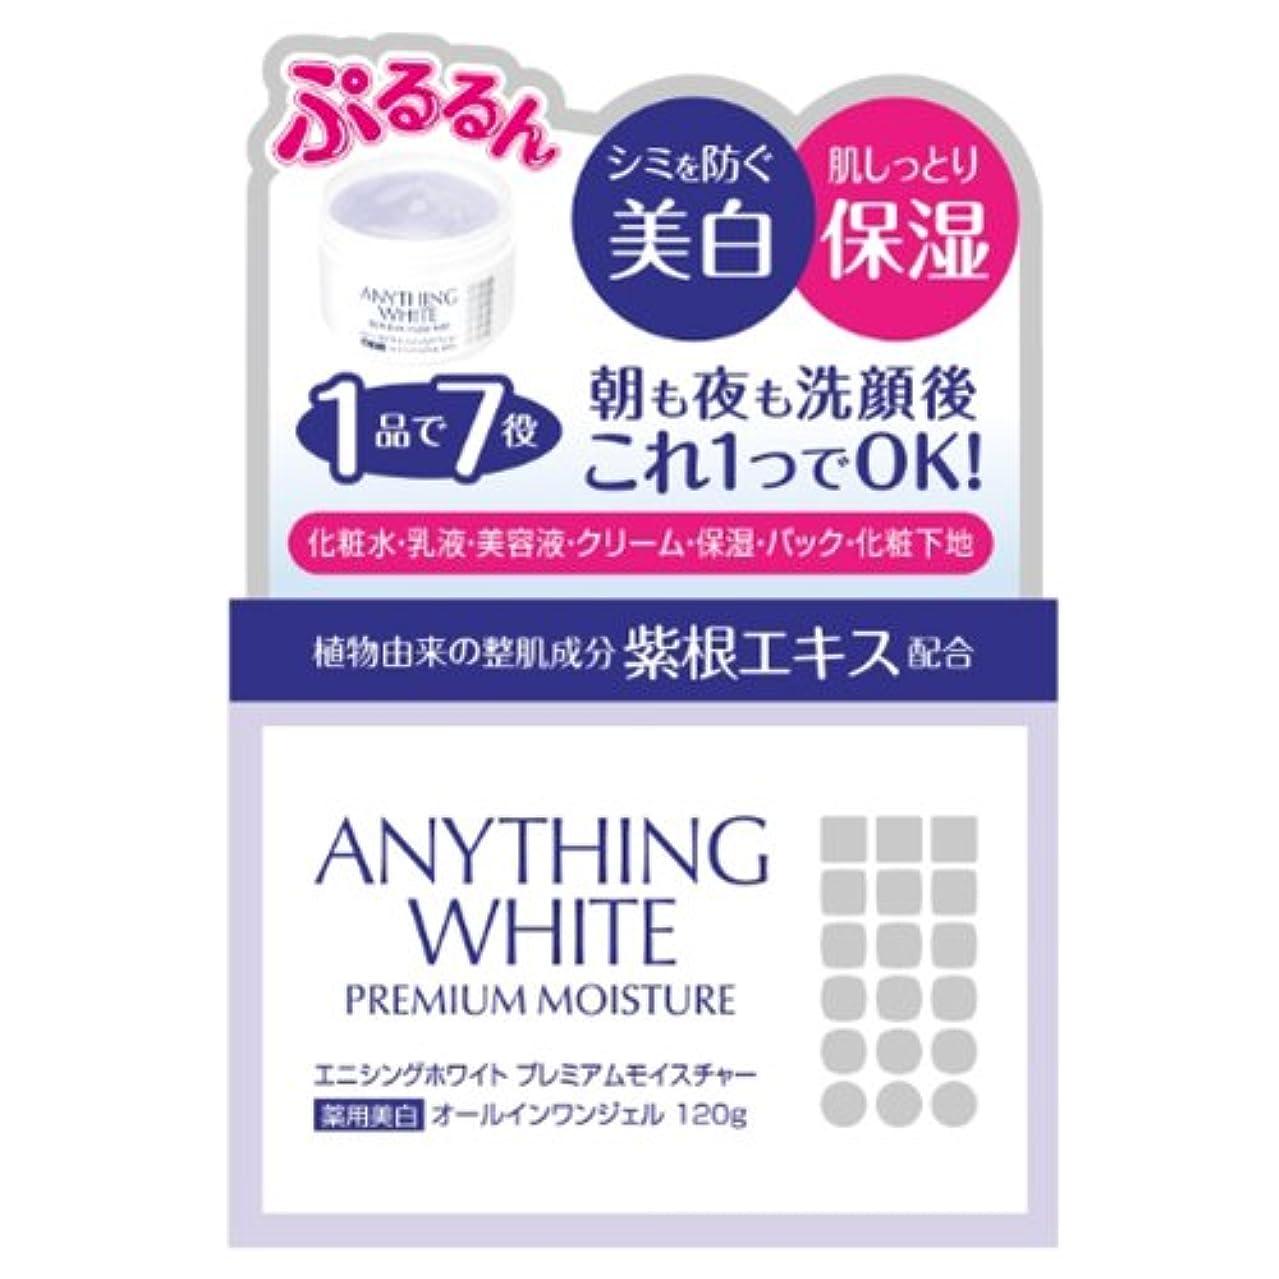 涙どうやってモネエニシングホワイト プレミアムモイスチャー 120g